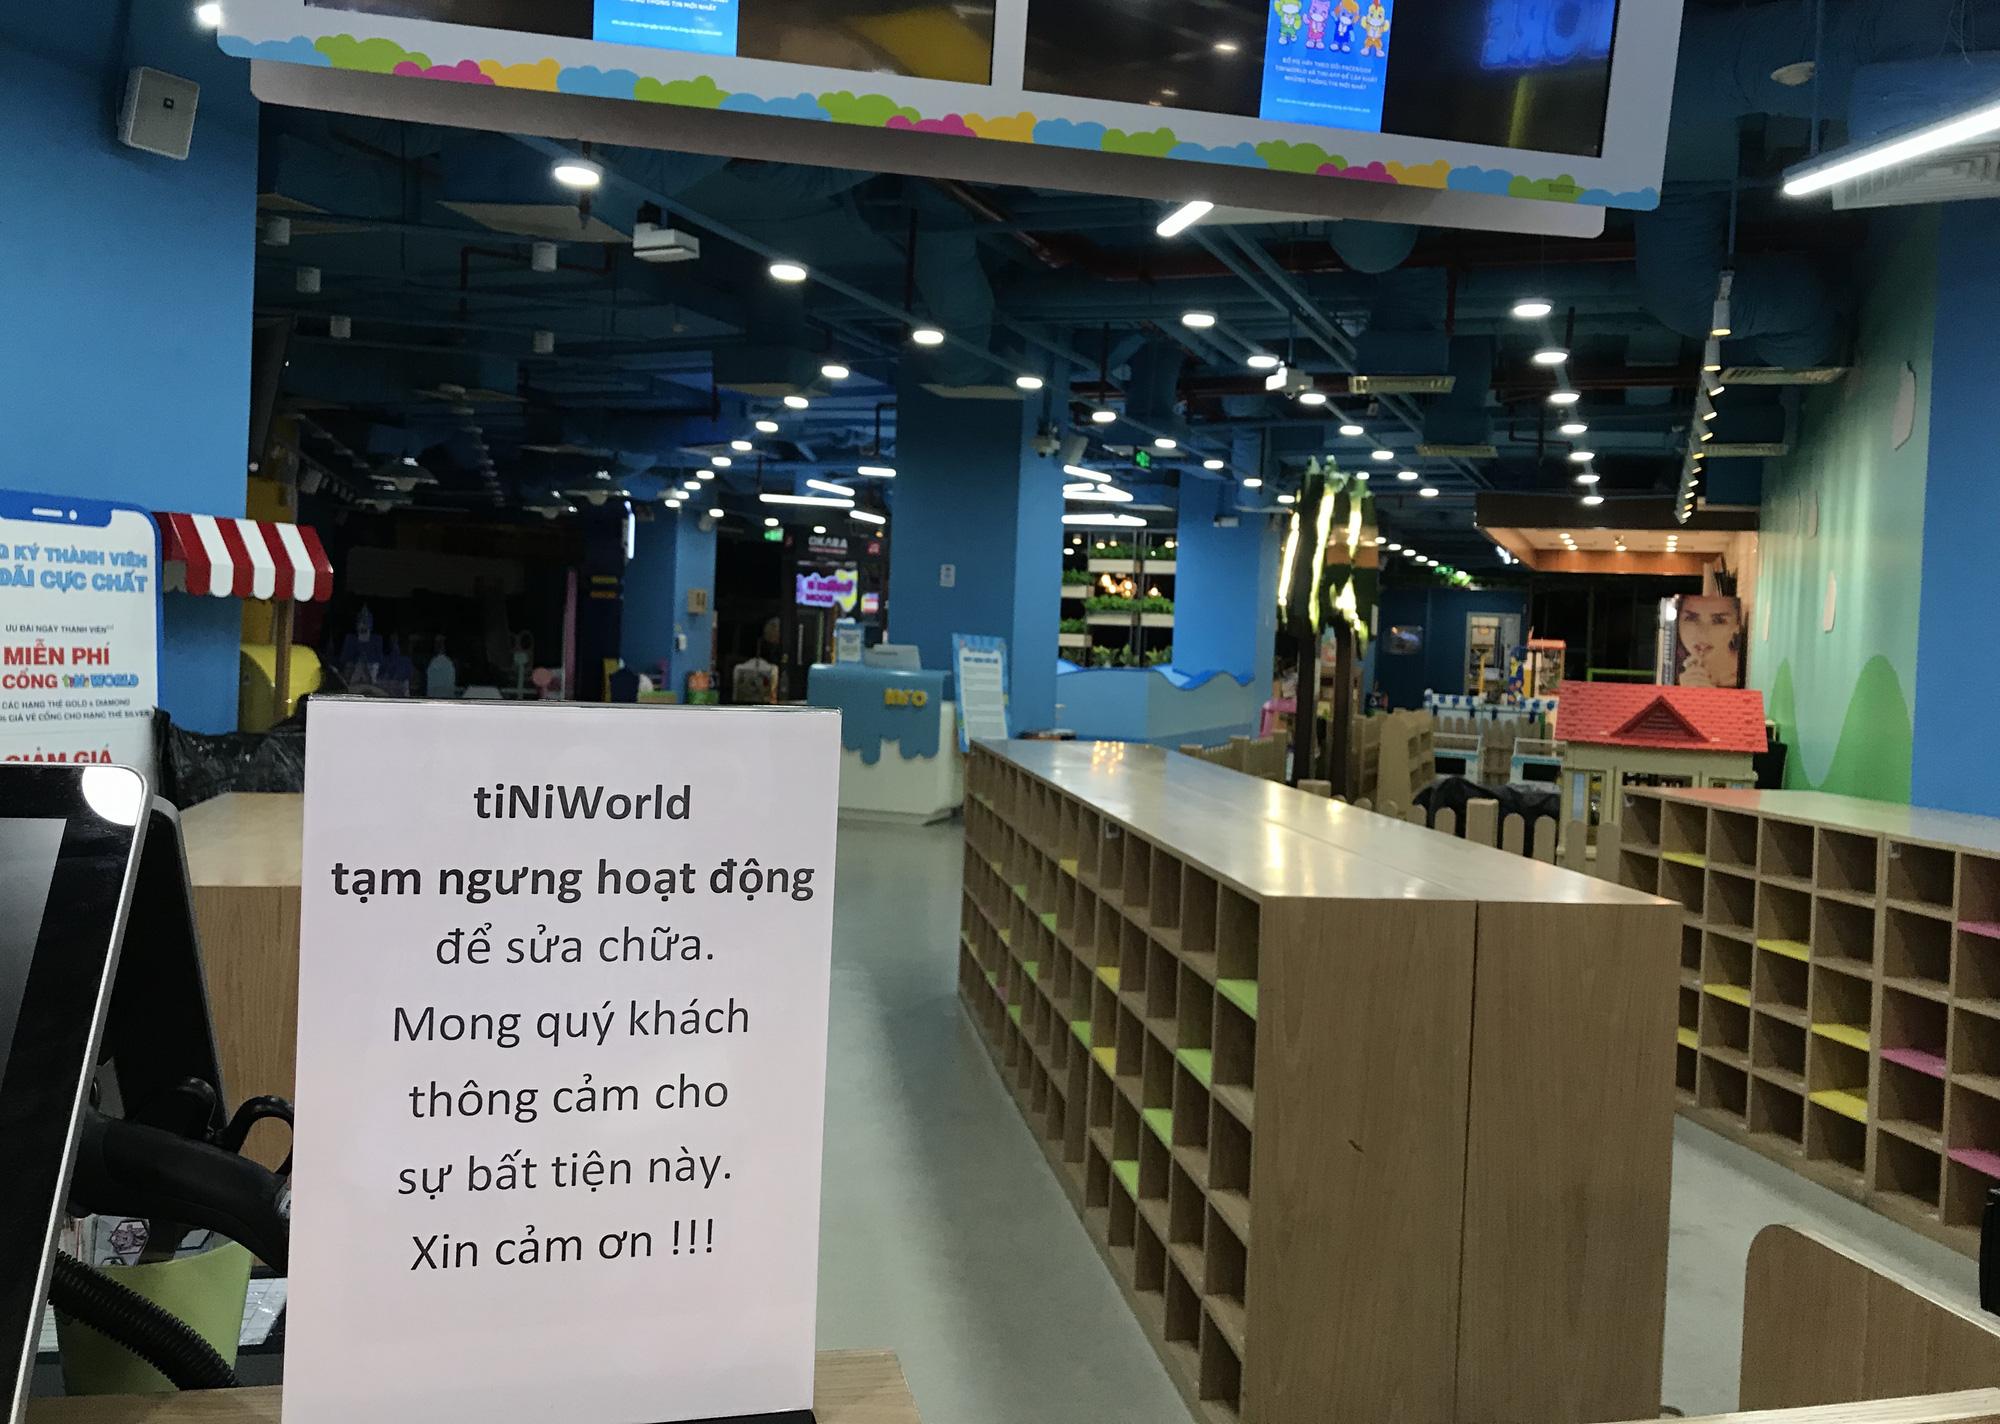 Cuối tuần, Vincom Đồng Khởi, Saigon Centre, Takashimaya vắng tanh vì nỗi lo dịch Covid-19 - Ảnh 7.